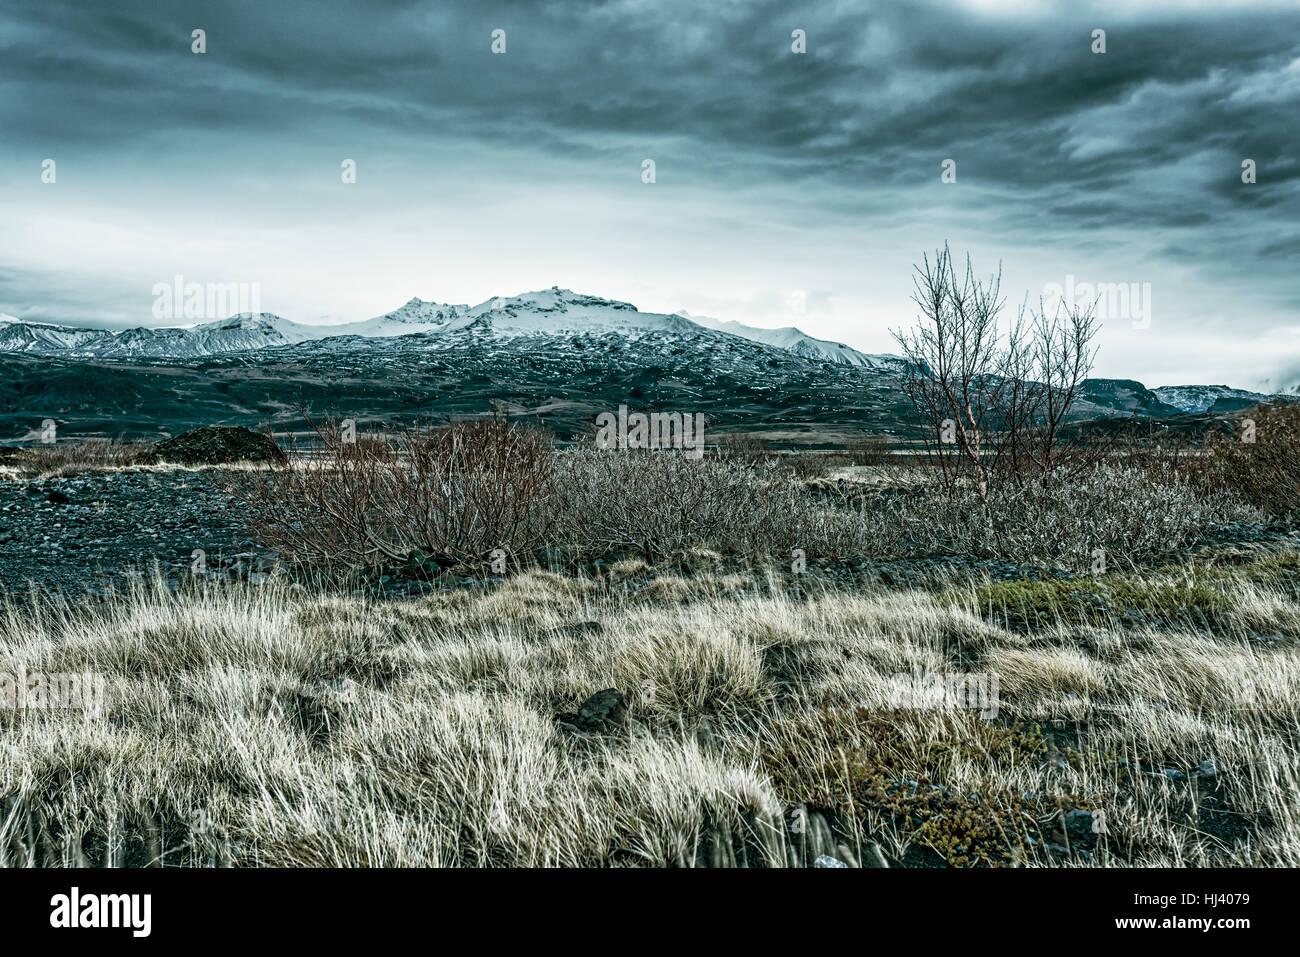 Wildnis-Berglandschaft in Island an einem stürmischen Nachmittag zeigt das öde Aussehen einer Vulkanlandschaft Stockbild